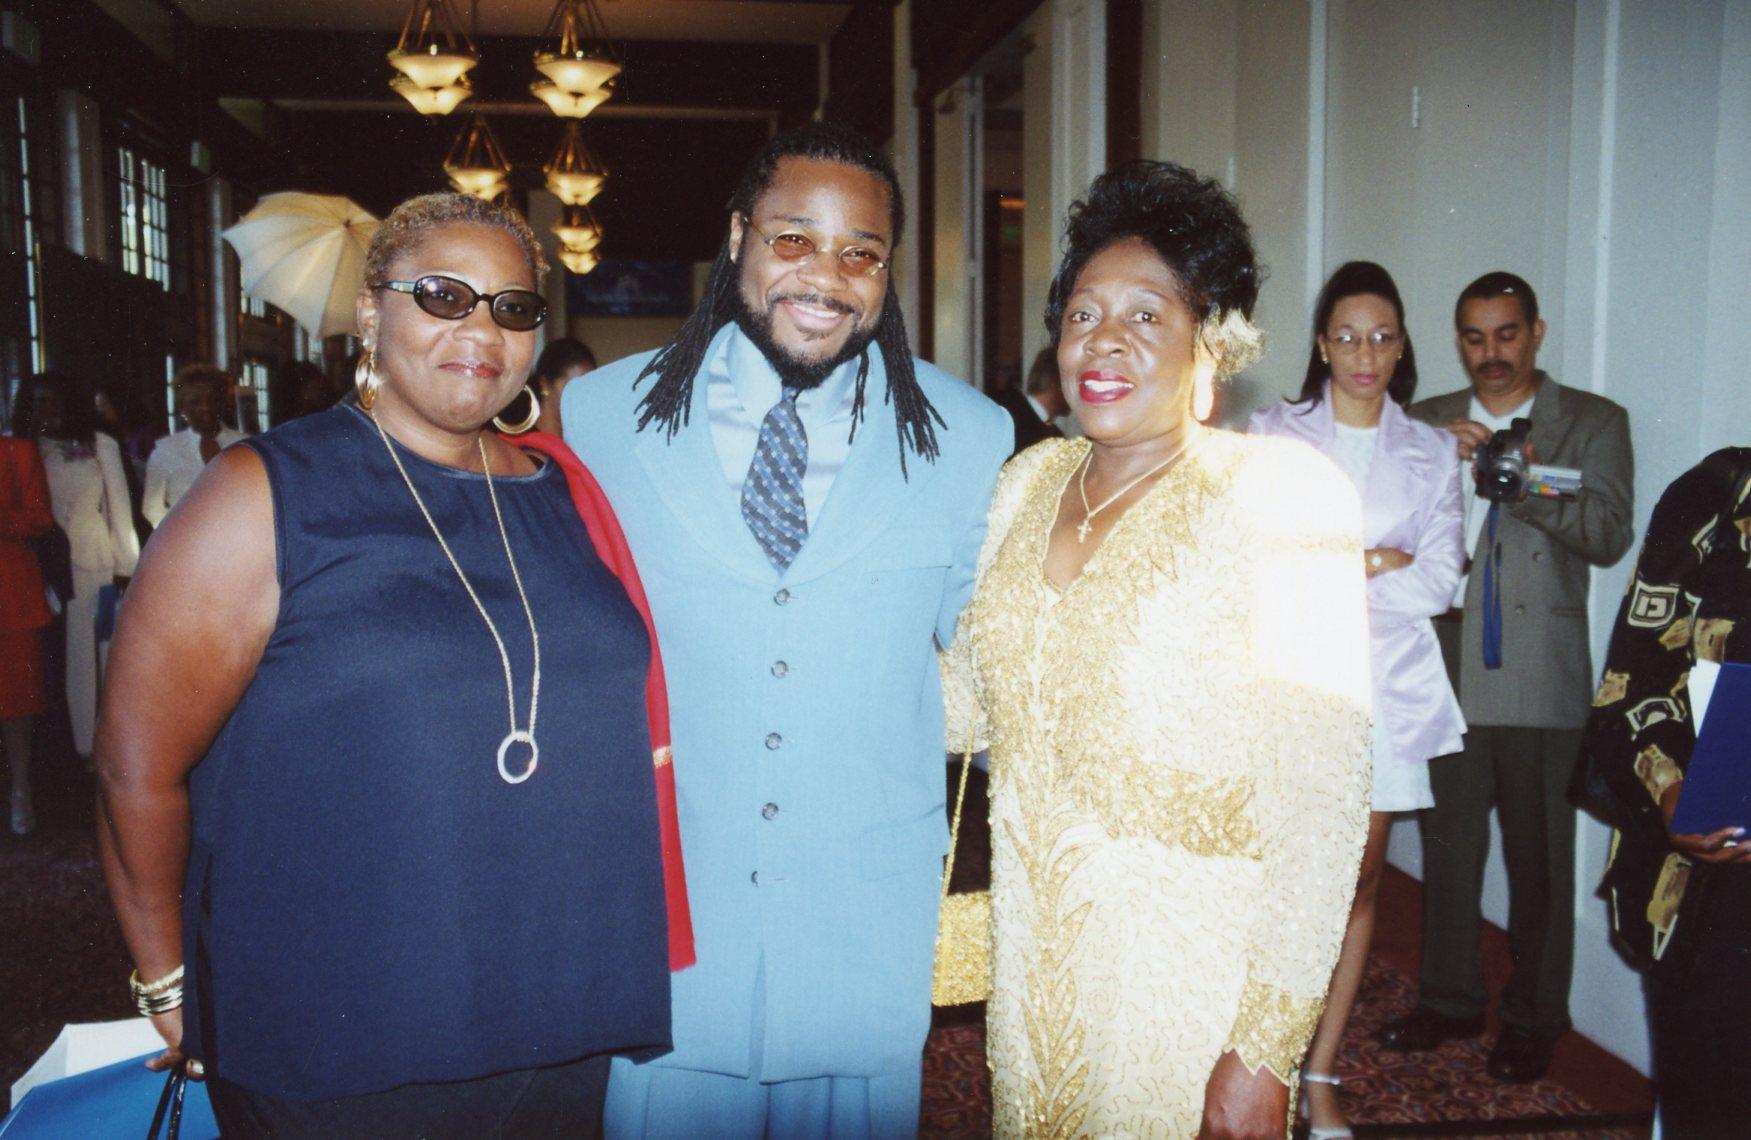 Malcom Jamal Warner